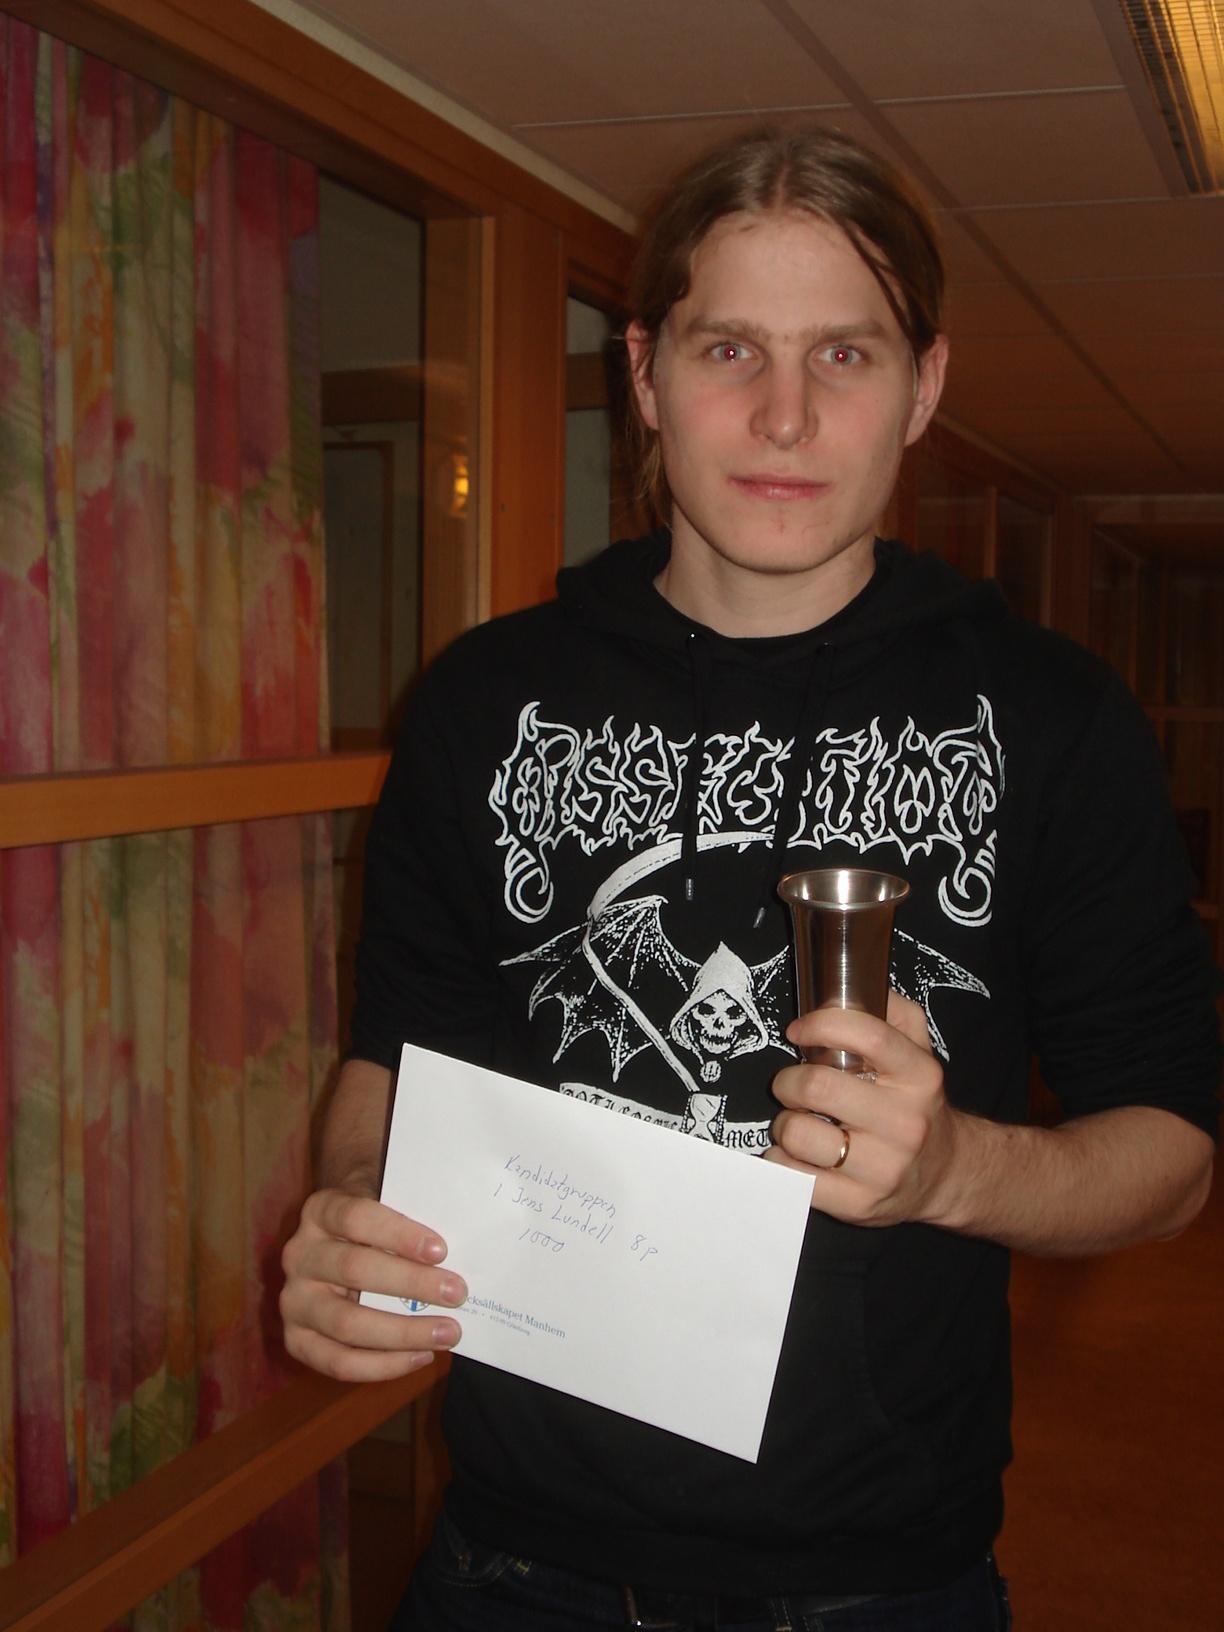 Segrare i Kandidatgruppen: Jens Lundell.